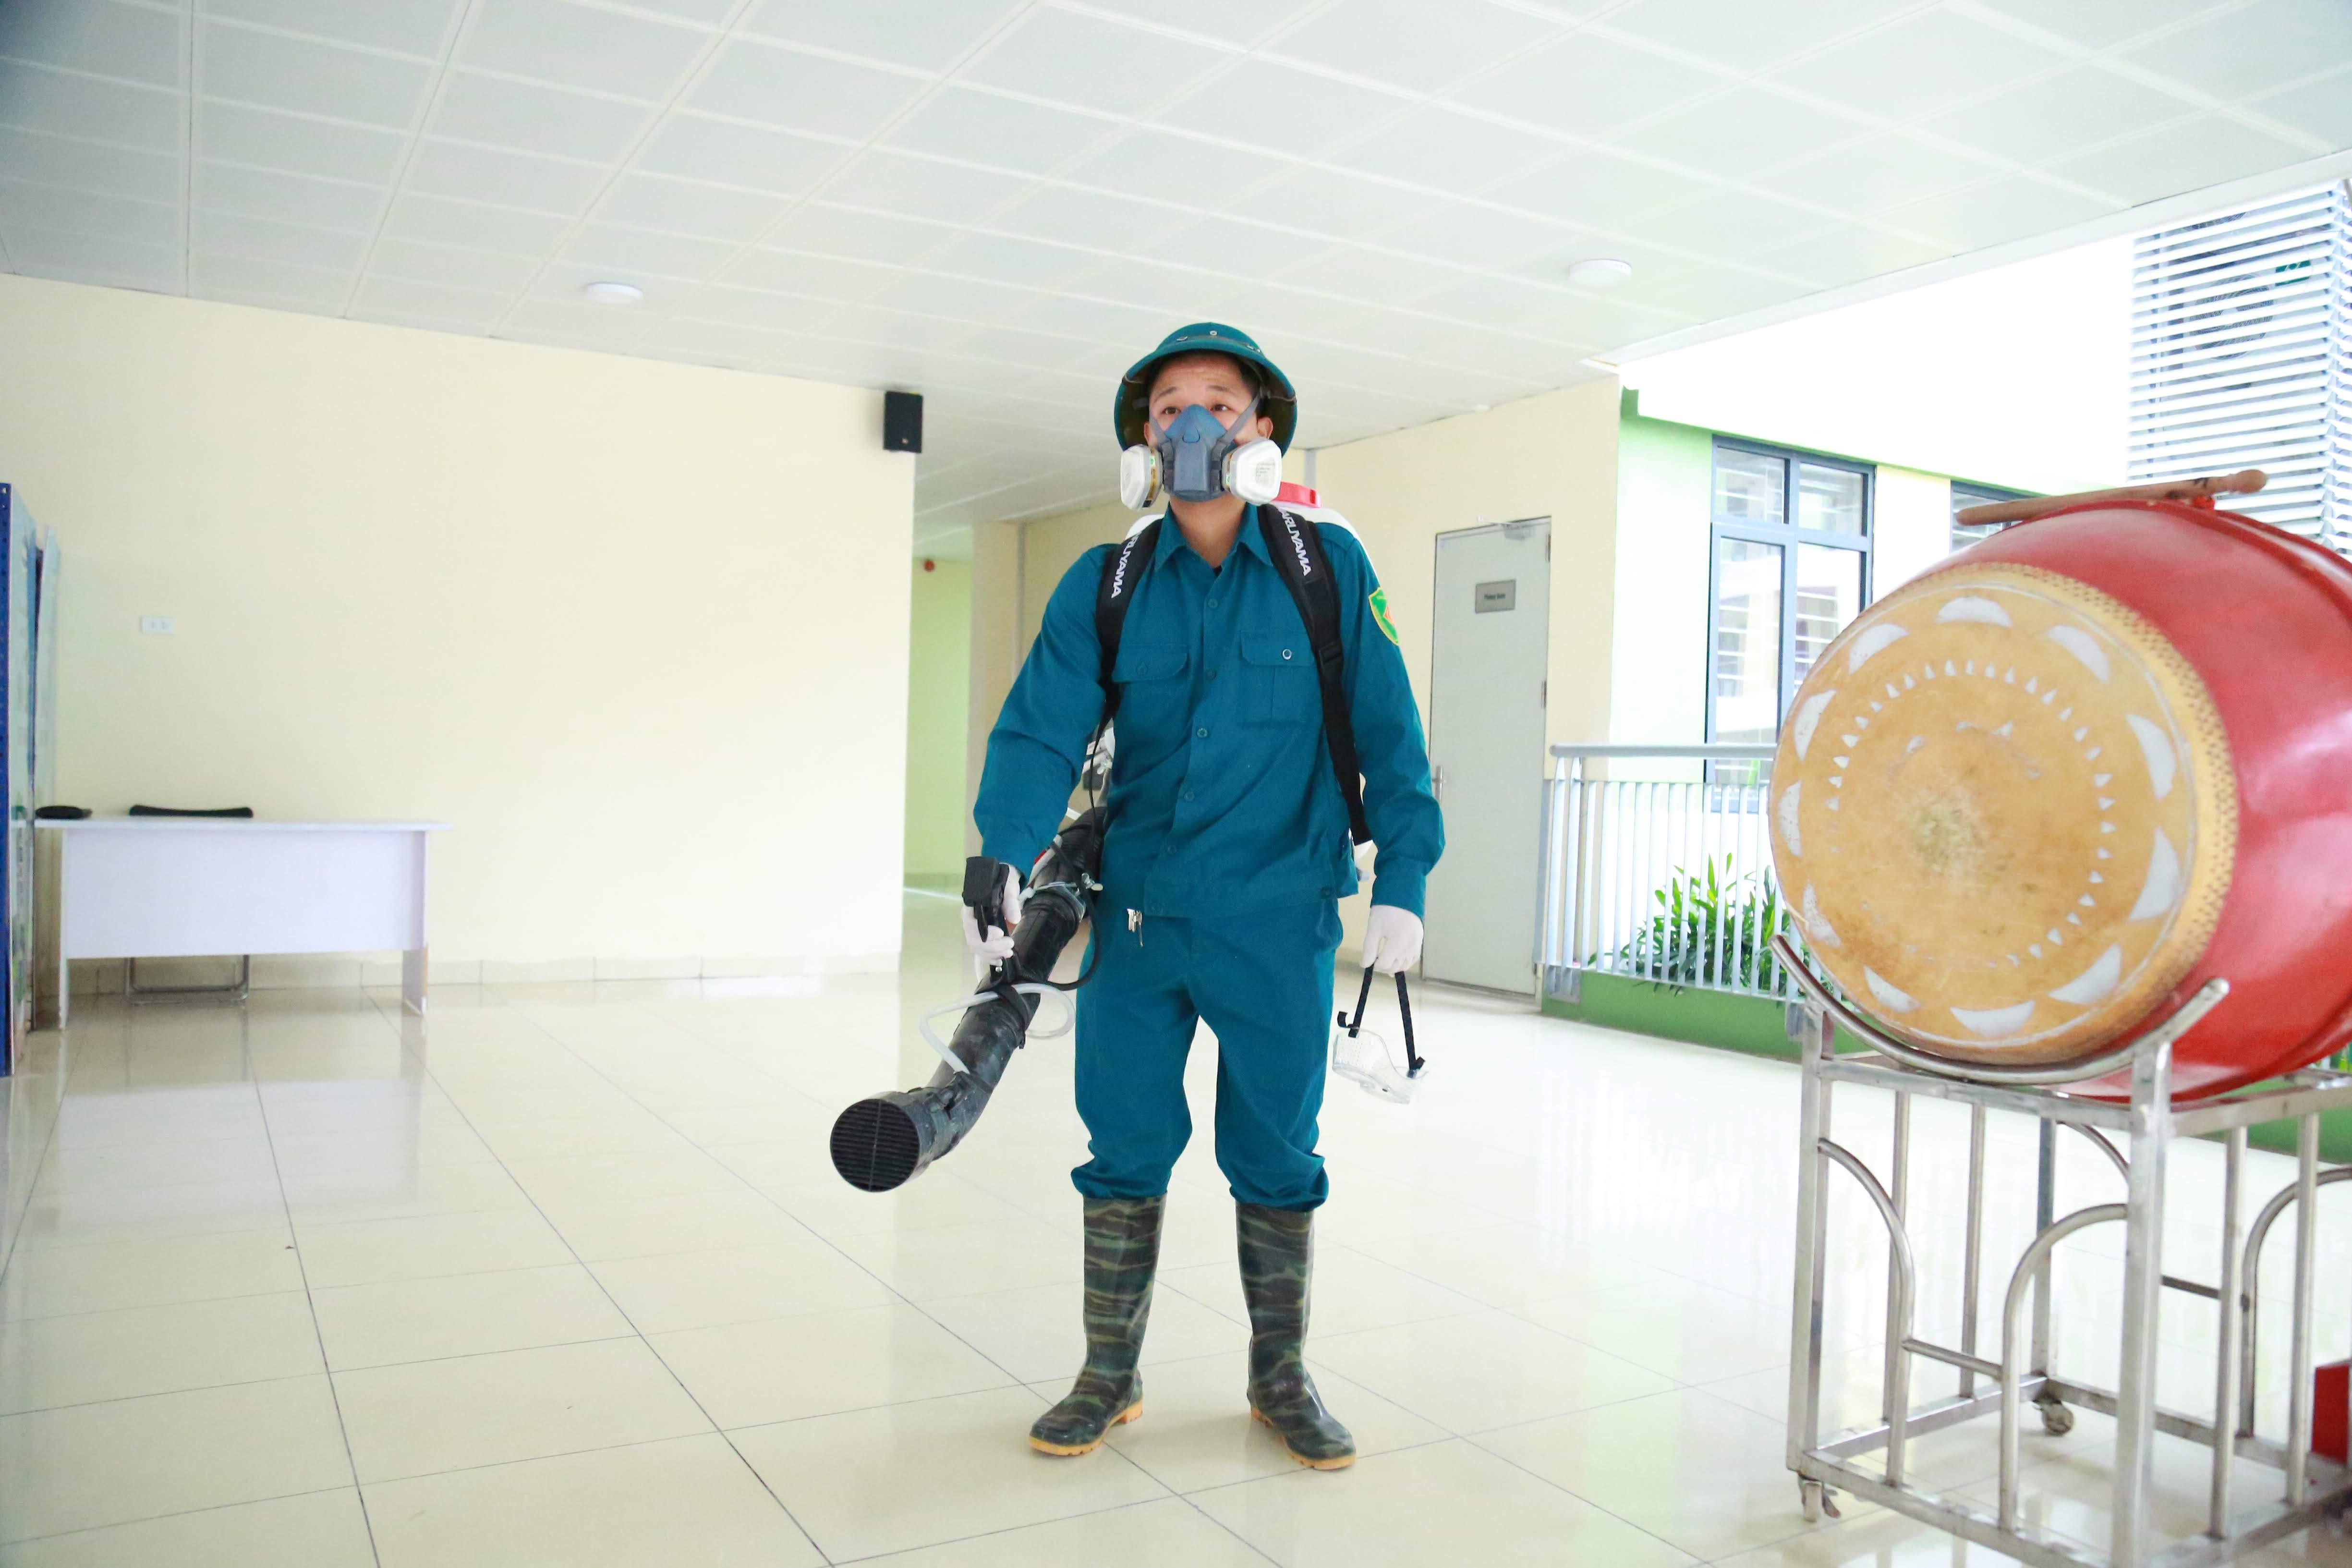 Cán bộ y tế trang bị các dụng cụ phục vụ việc phun thuốc.